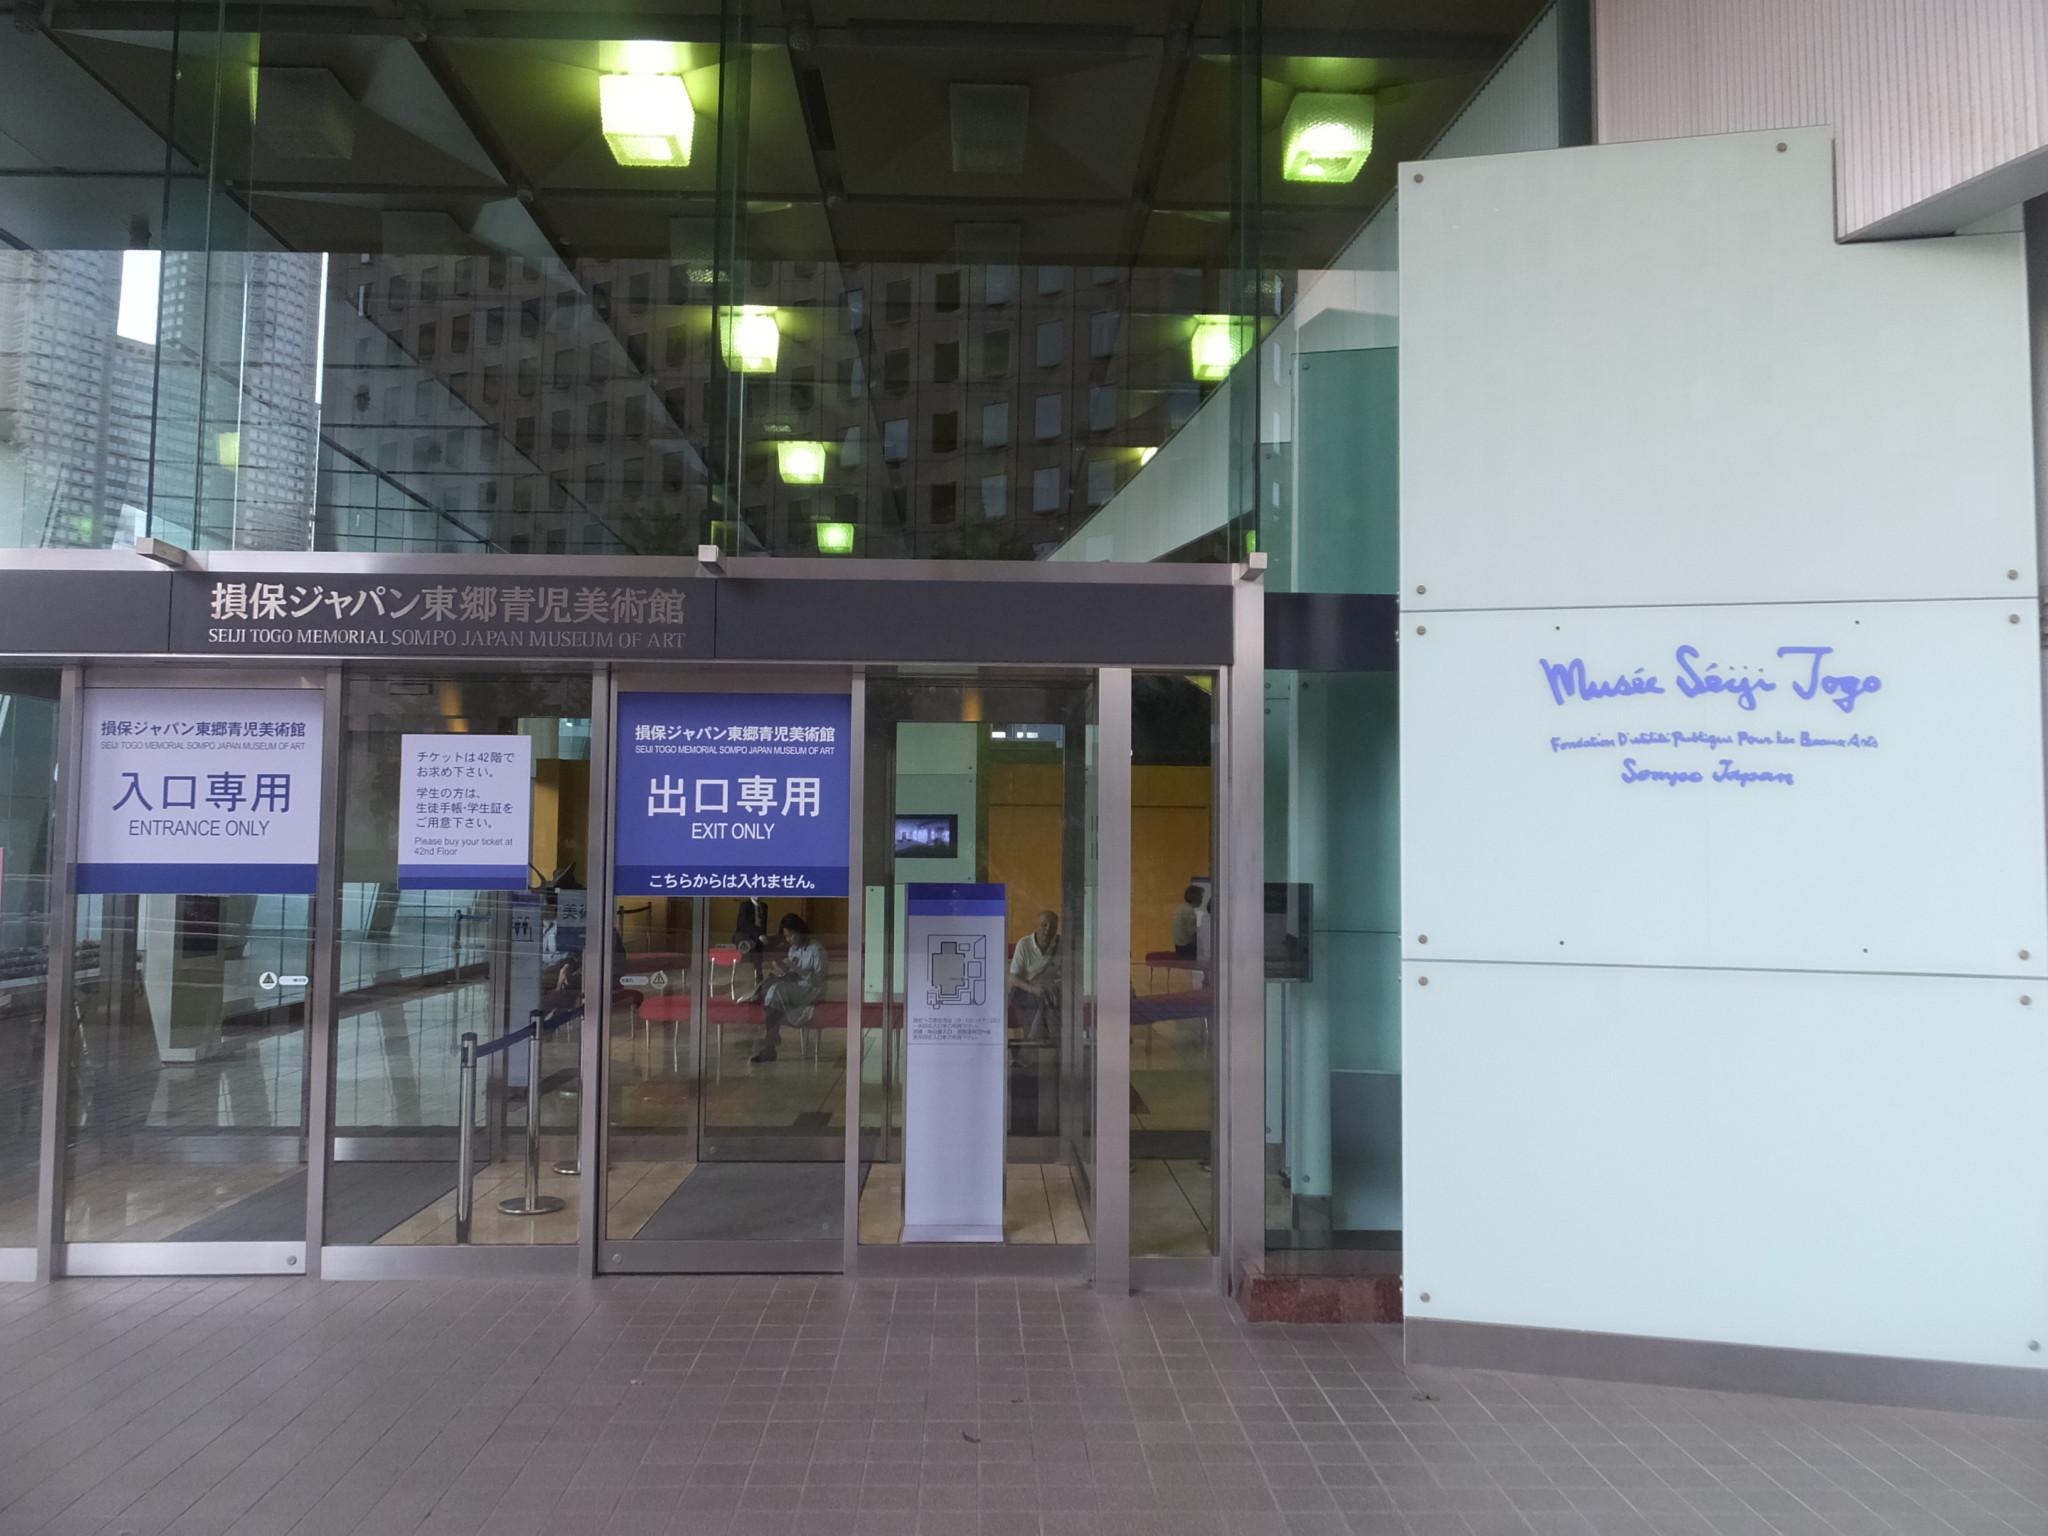 損保ジャパンのビル